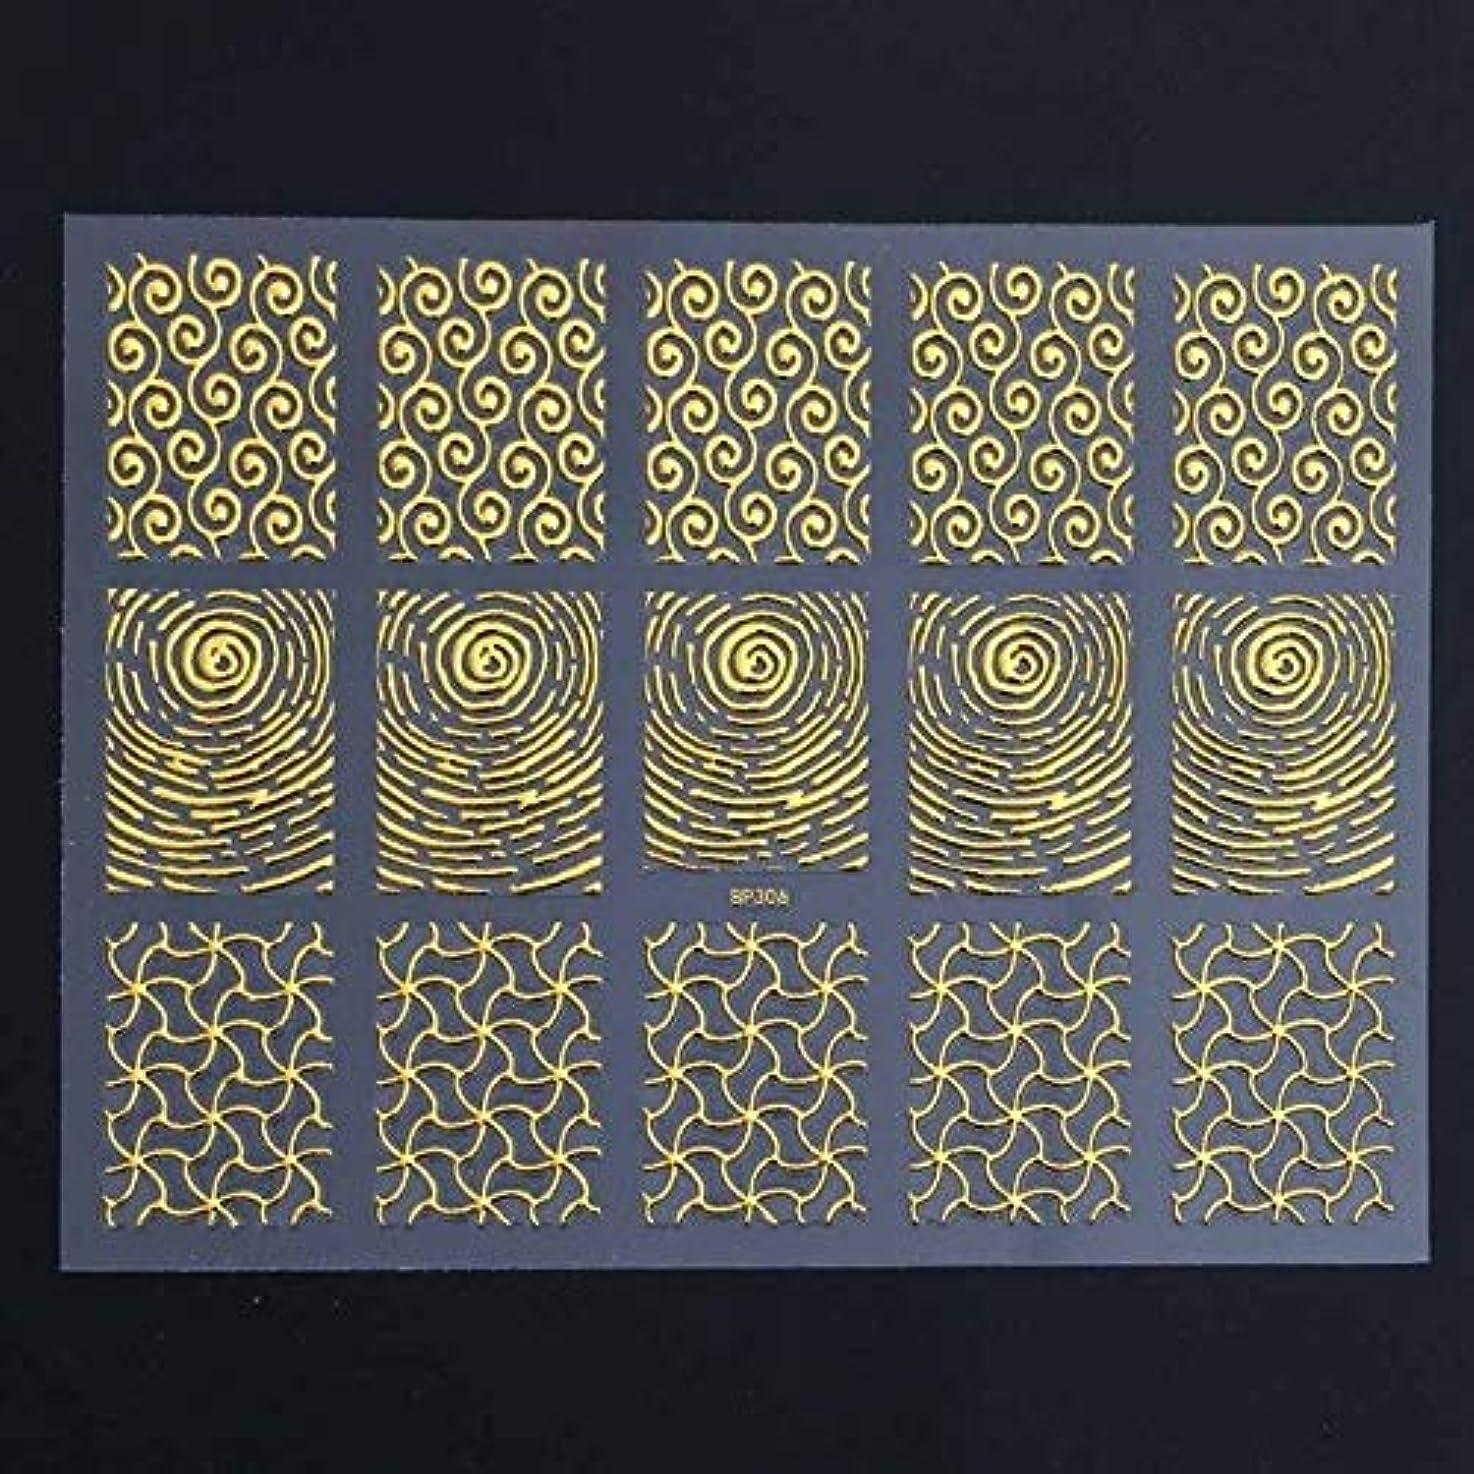 倍率縁石格納SUKTI&XIAO ネイルステッカー 1ピース3Dゴールドスライダーネイルアートステッカージオメトリストリップライン波ブロンズ接着剤デカールデザインマニキュア装飾